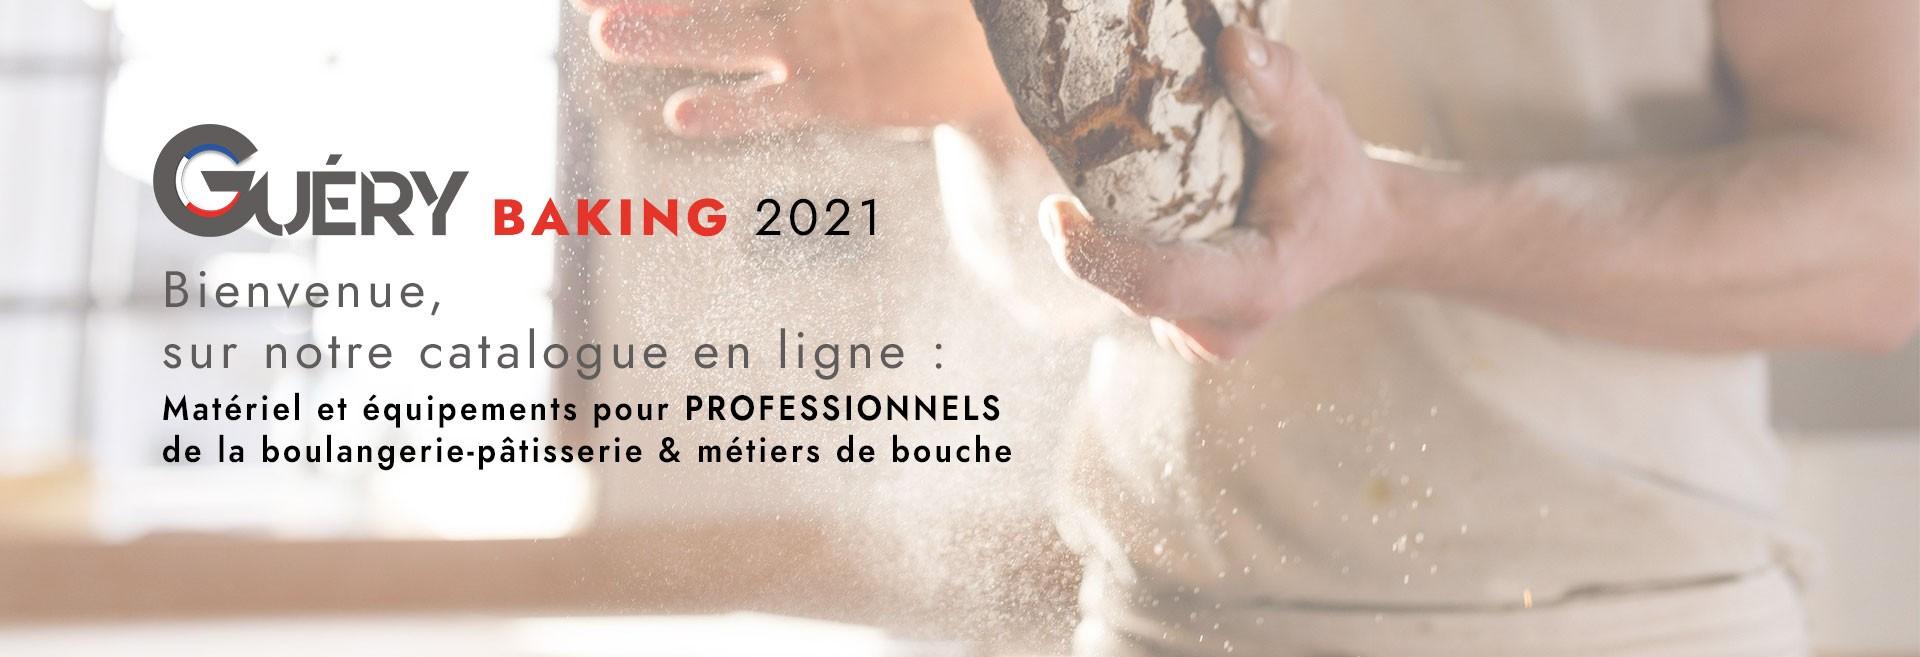 Catalogue Boulangerie-Pâtissierie BAKING Guery